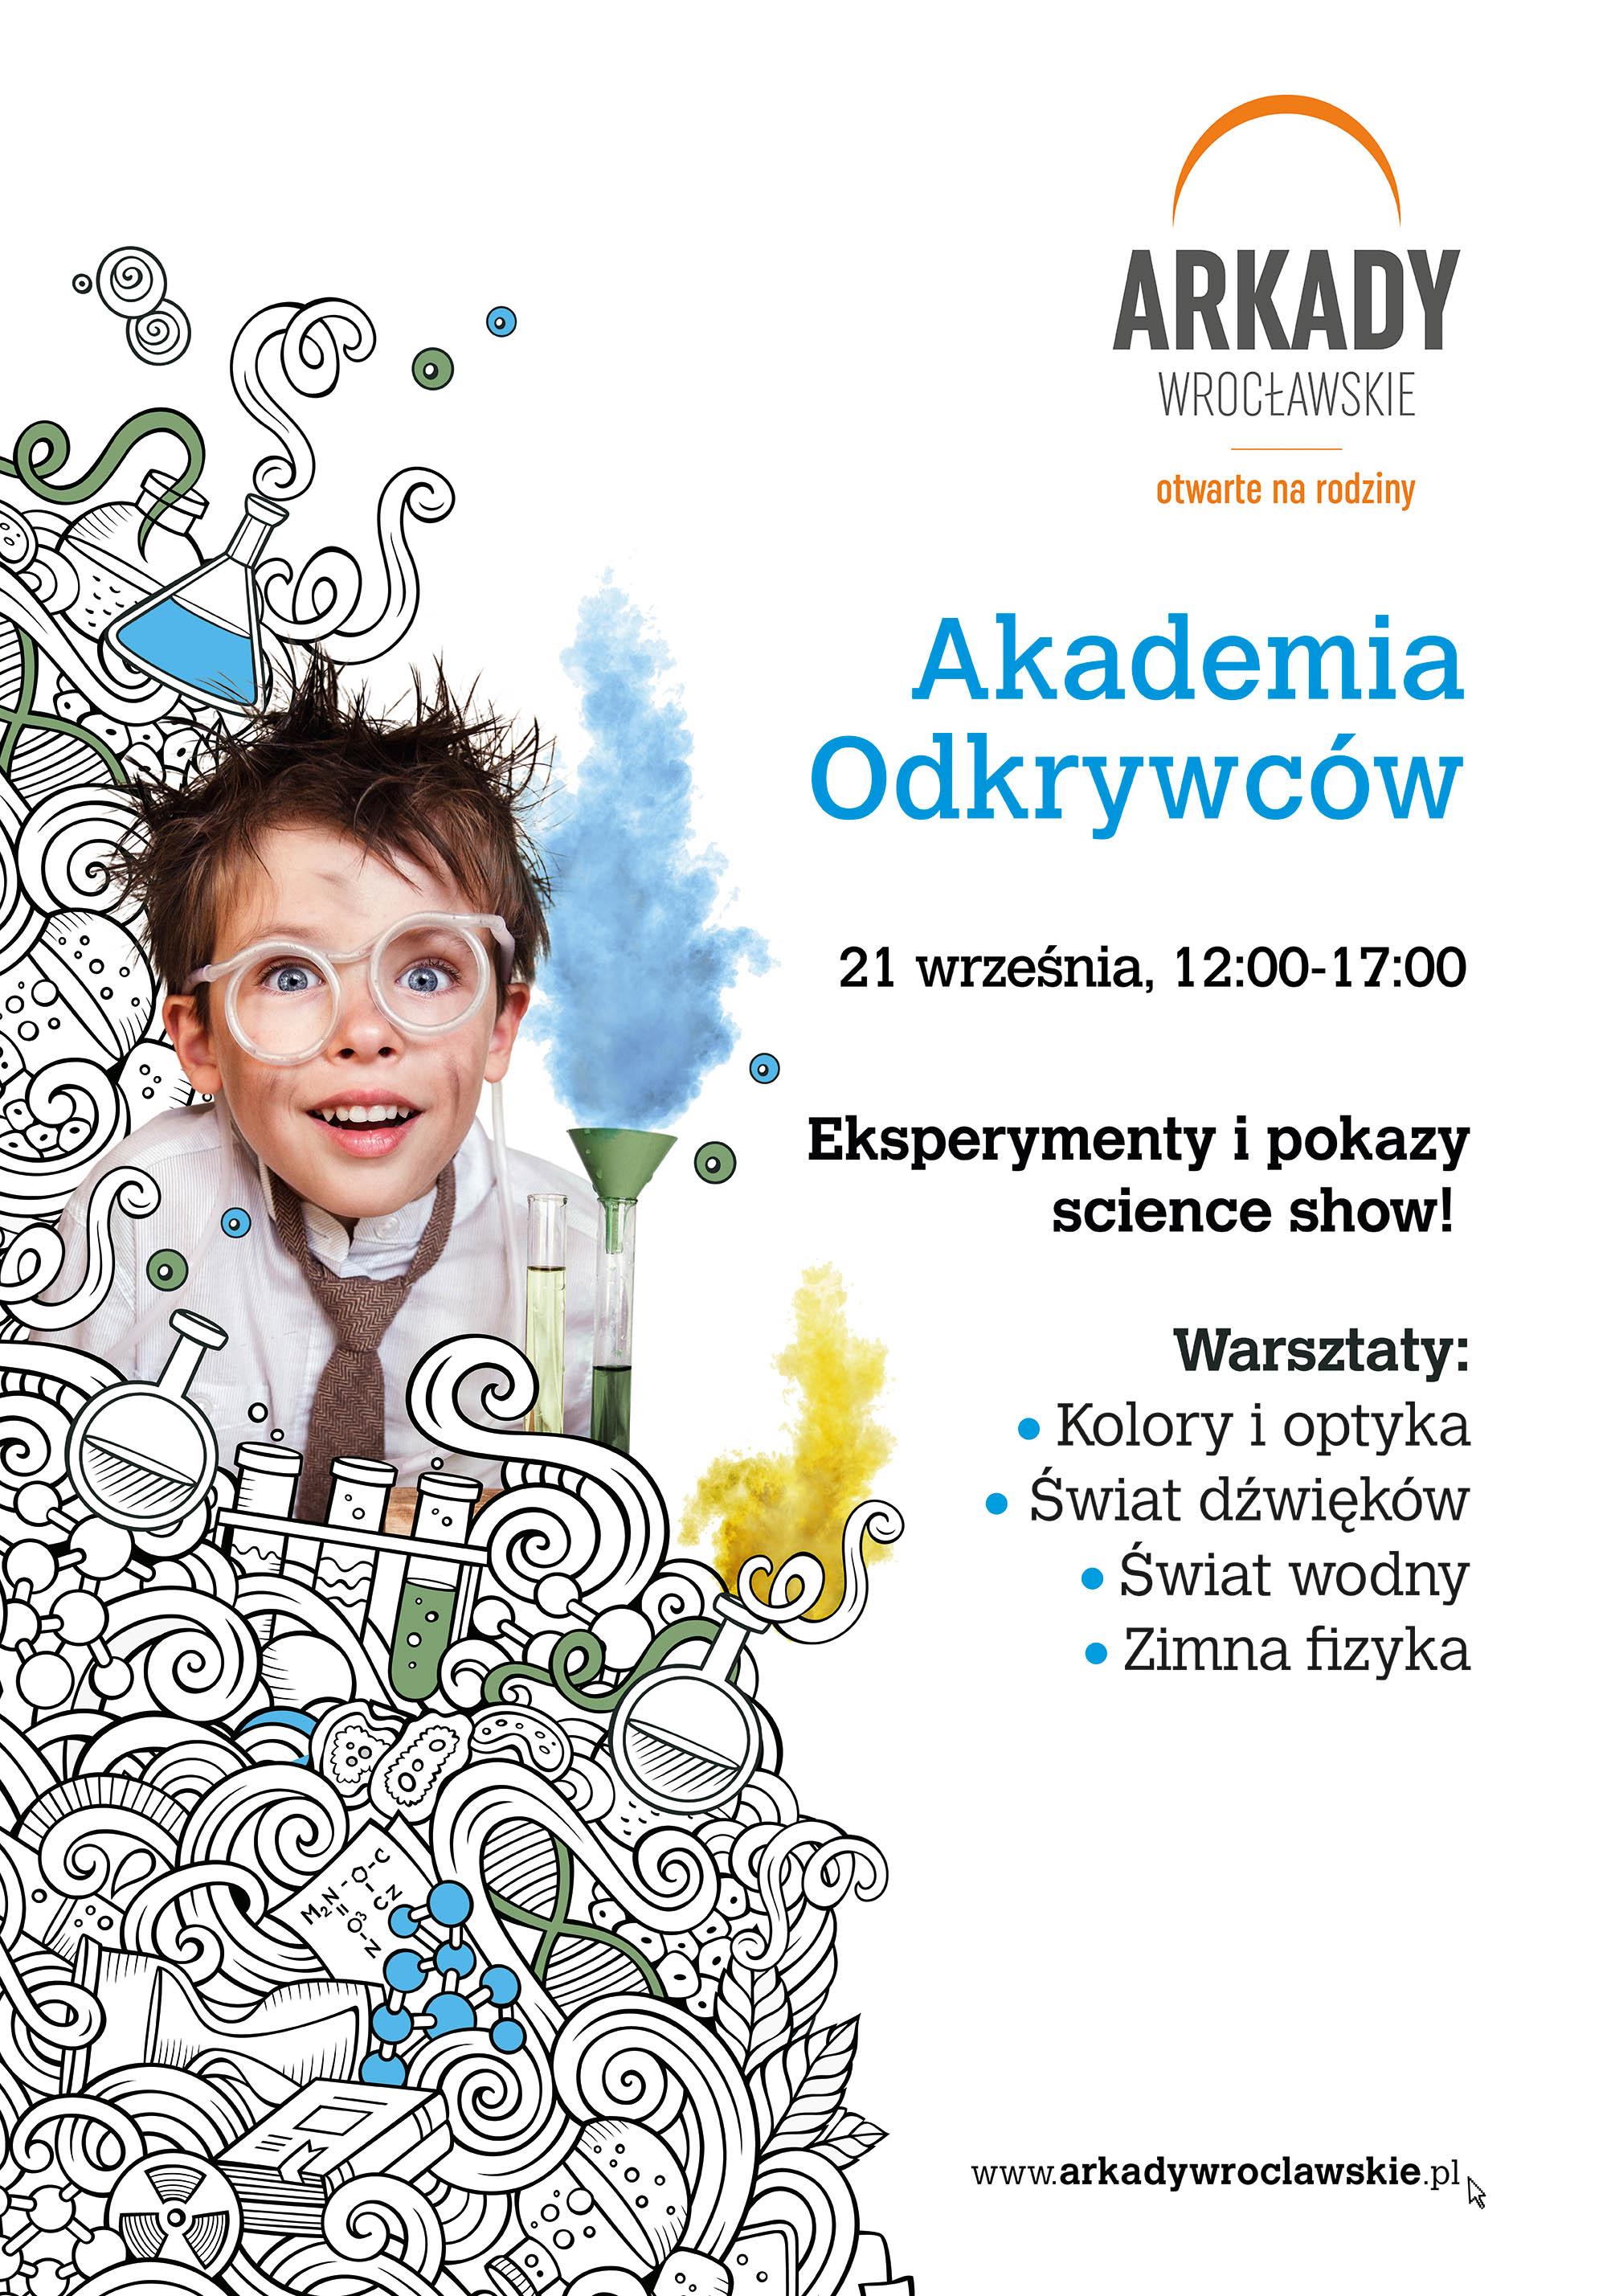 Akademia Odkrywców w Arkadach Wrocławskich